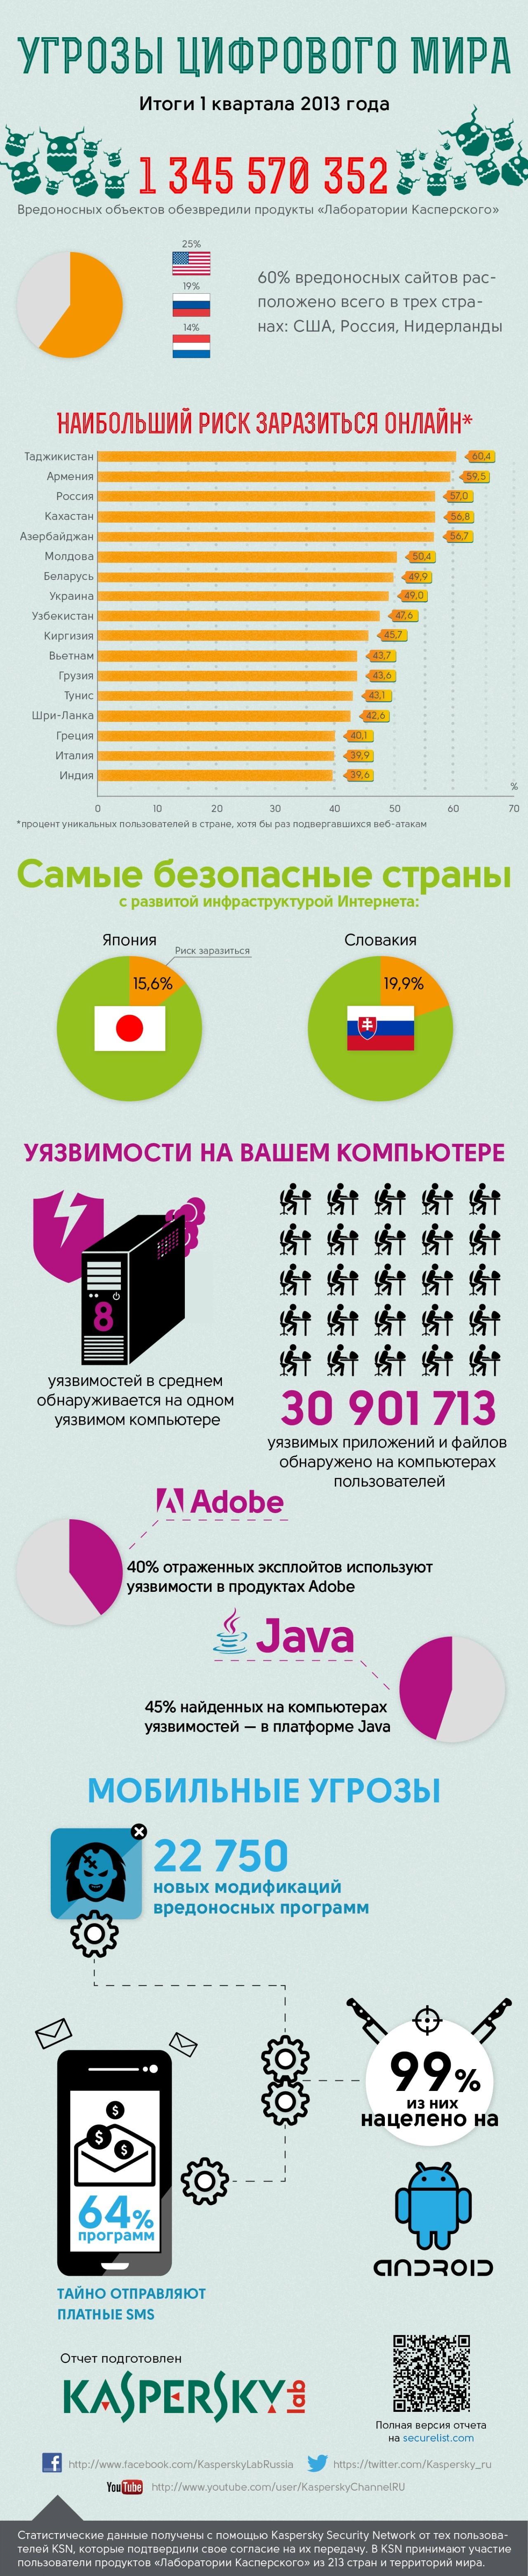 Угрозы цифрового мира: инфографика Лаборатории Касперского